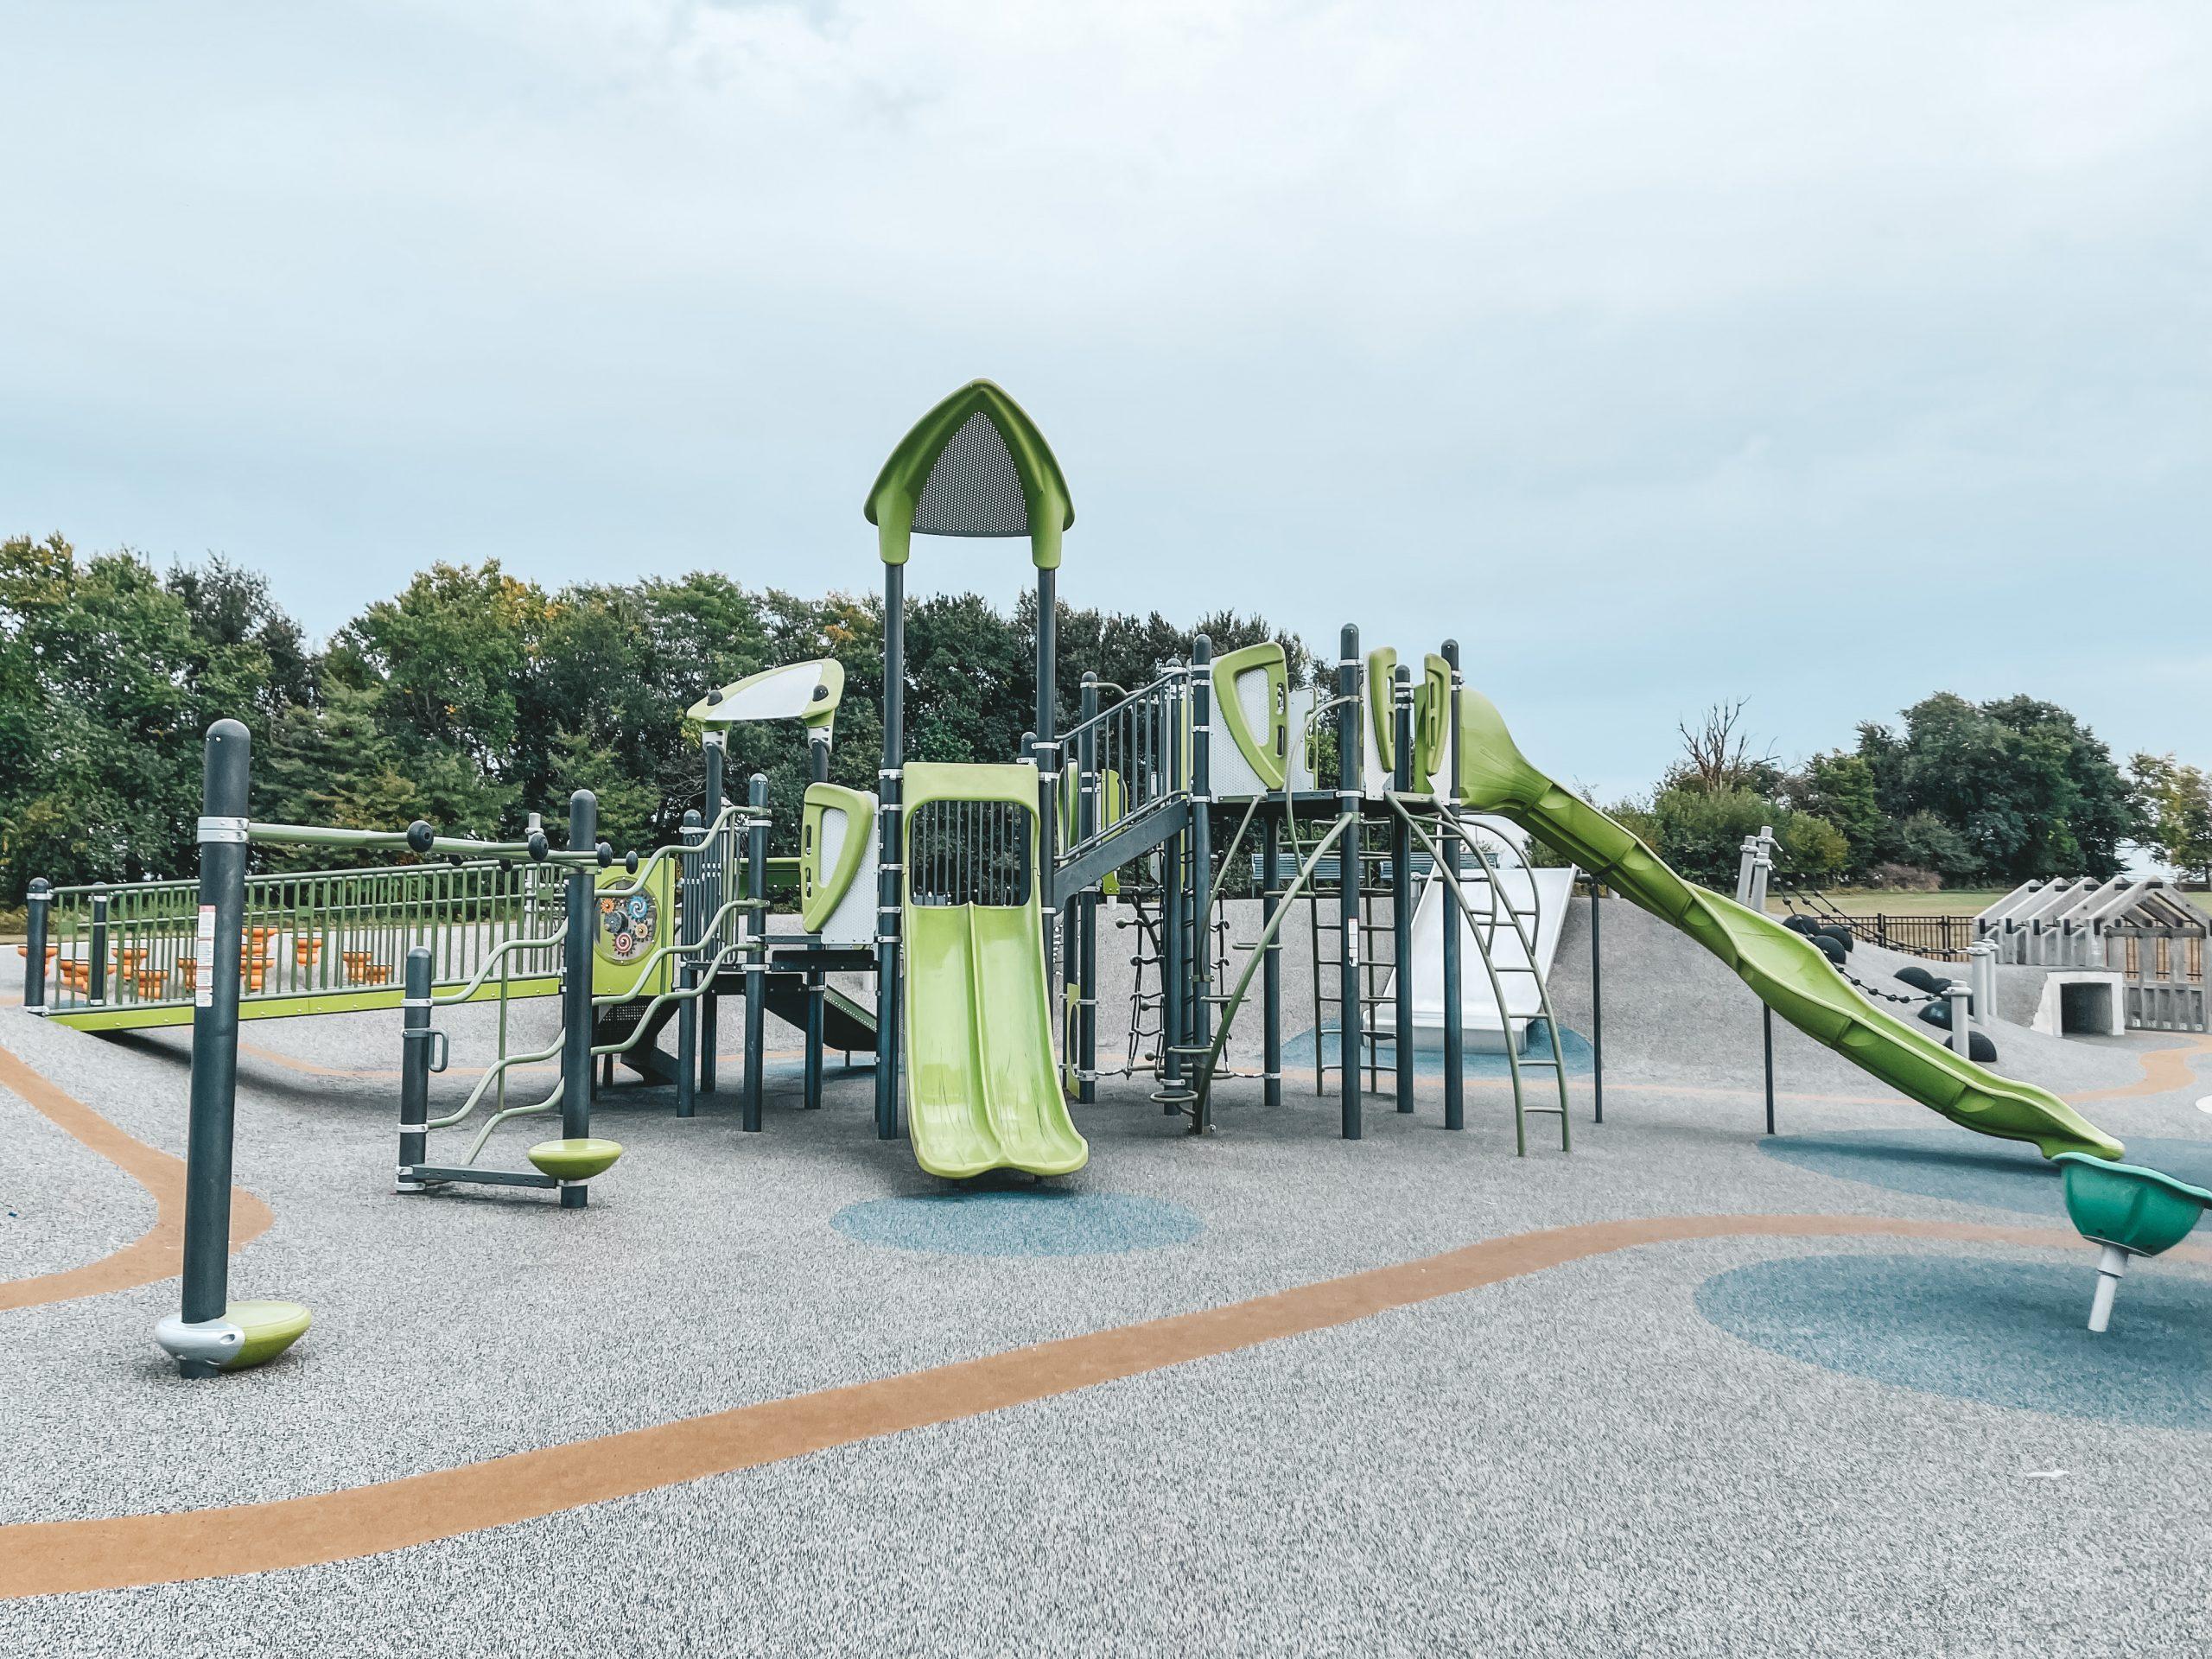 Stilwell Park Stilwell Community Park Reviews 2 scaled